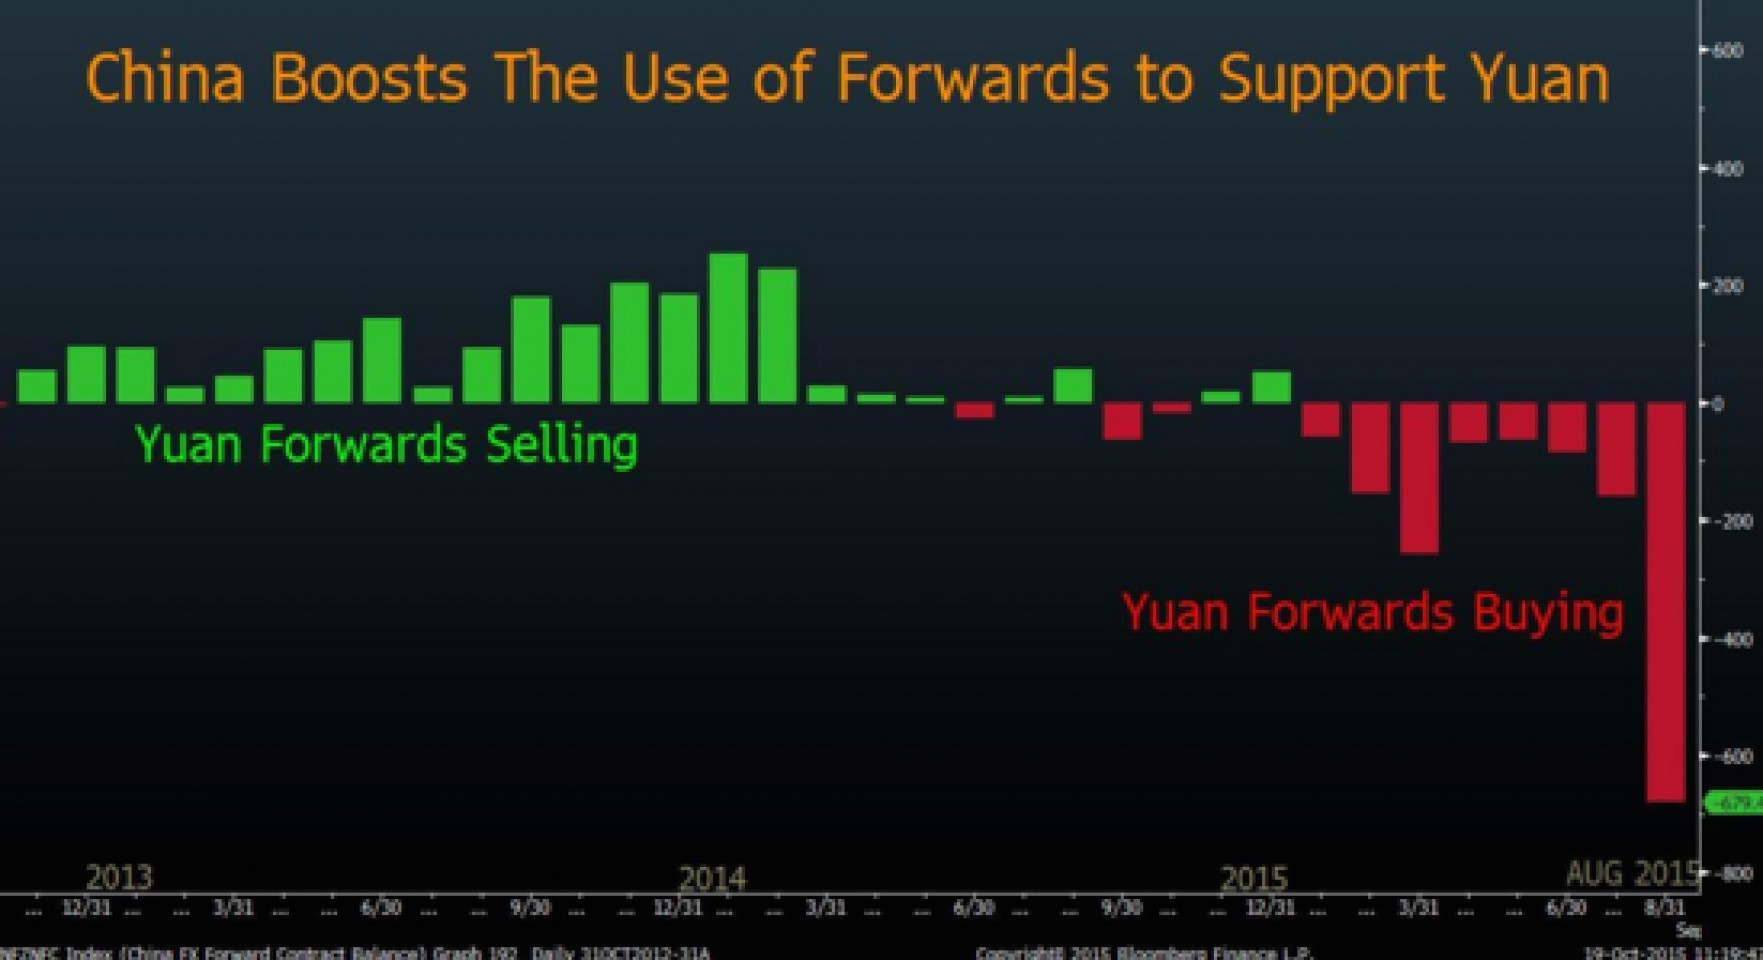 За счет чего Китай смог нарастить ЗВР?